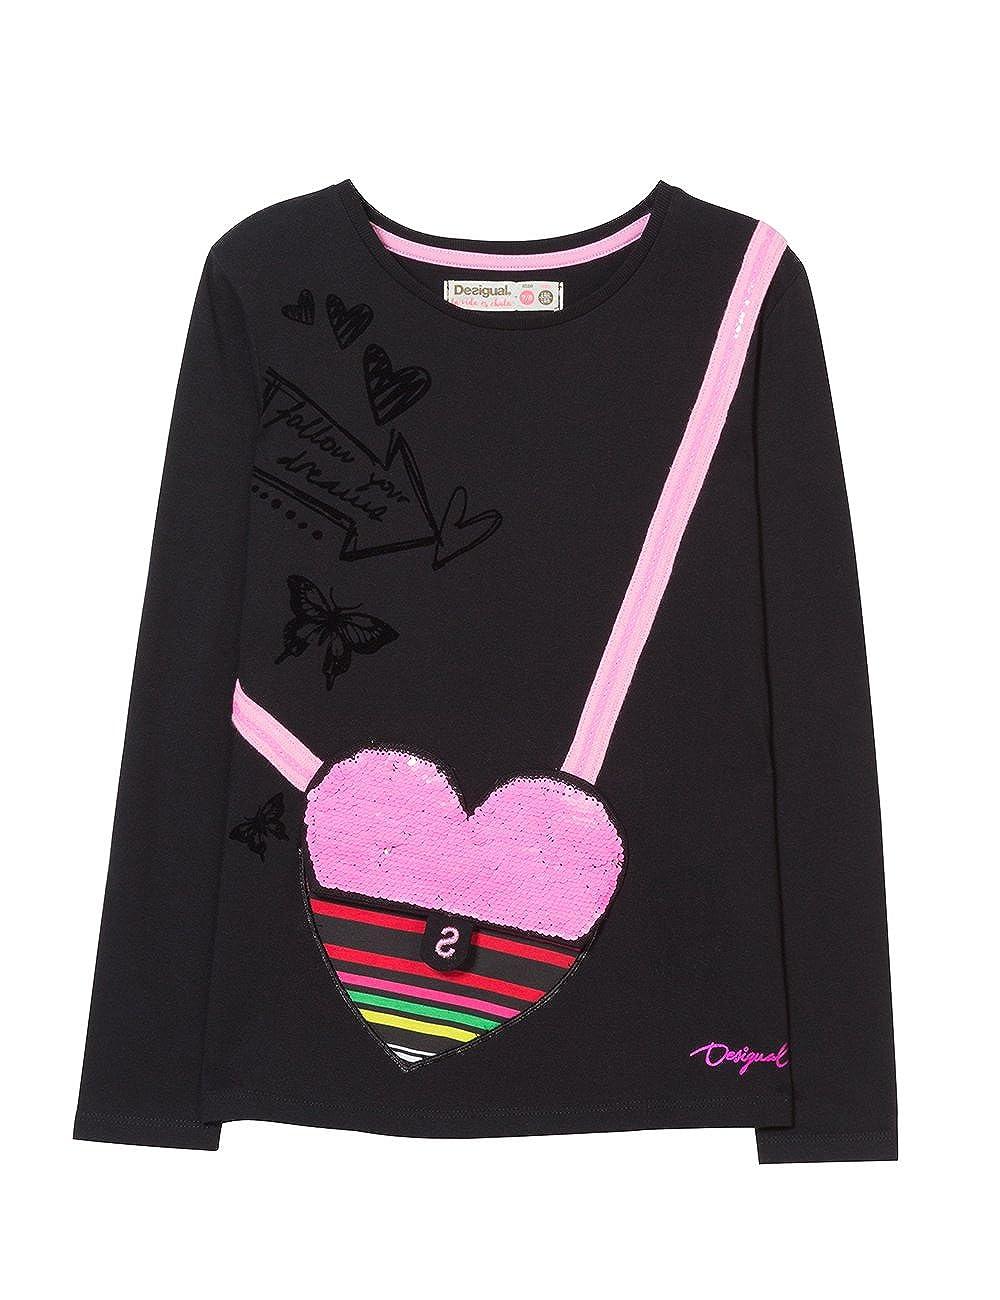 Desigual TS_calella, T-Shirt Bambina